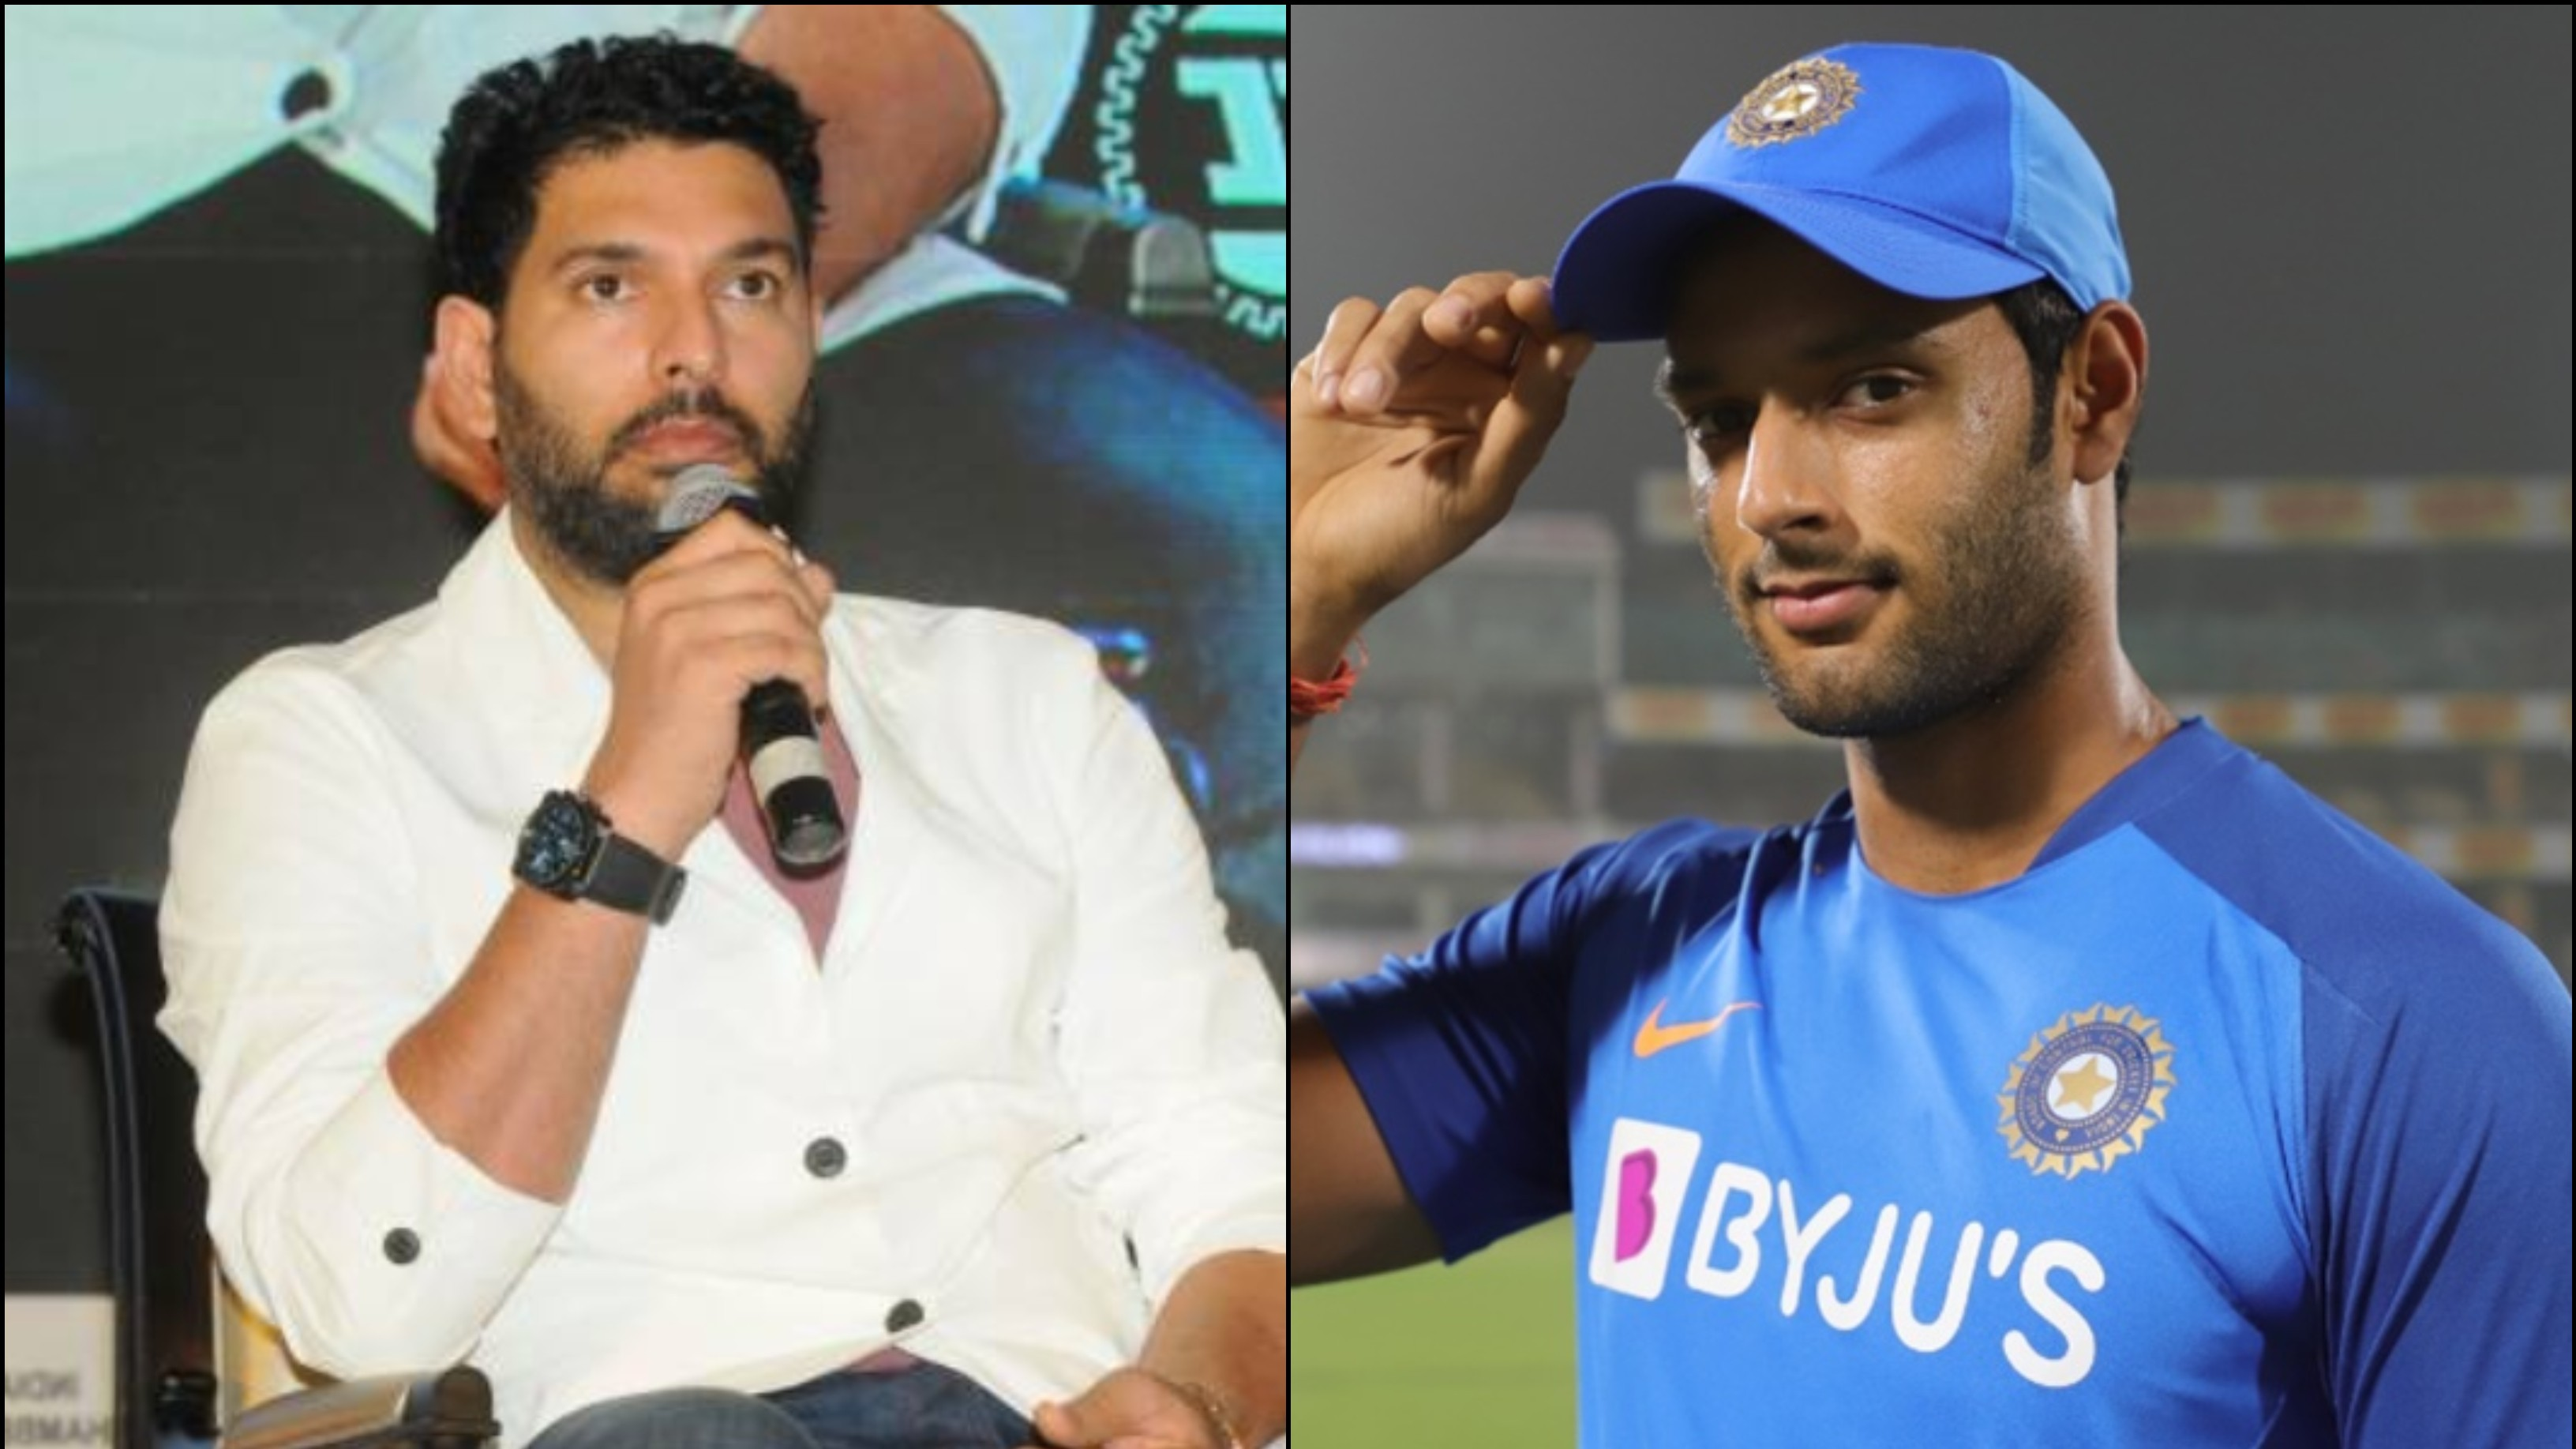 IND v BAN 2019: शिवम दुबे की तुलना खुद से होने पर युवराज सिंह ने दिया ये जवाब